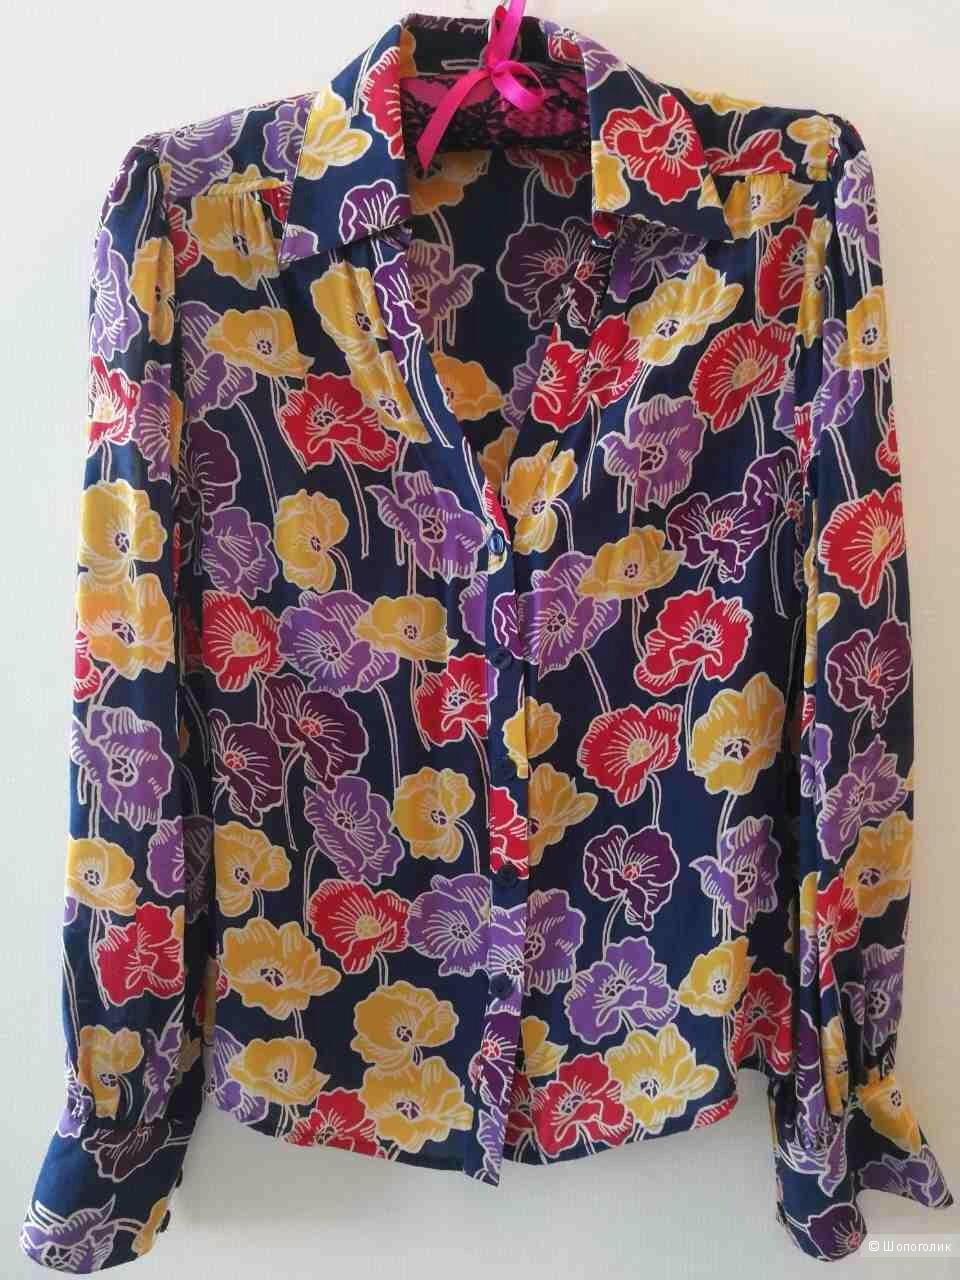 Шелковая блузка South размер 6 англ. на наш 40-42